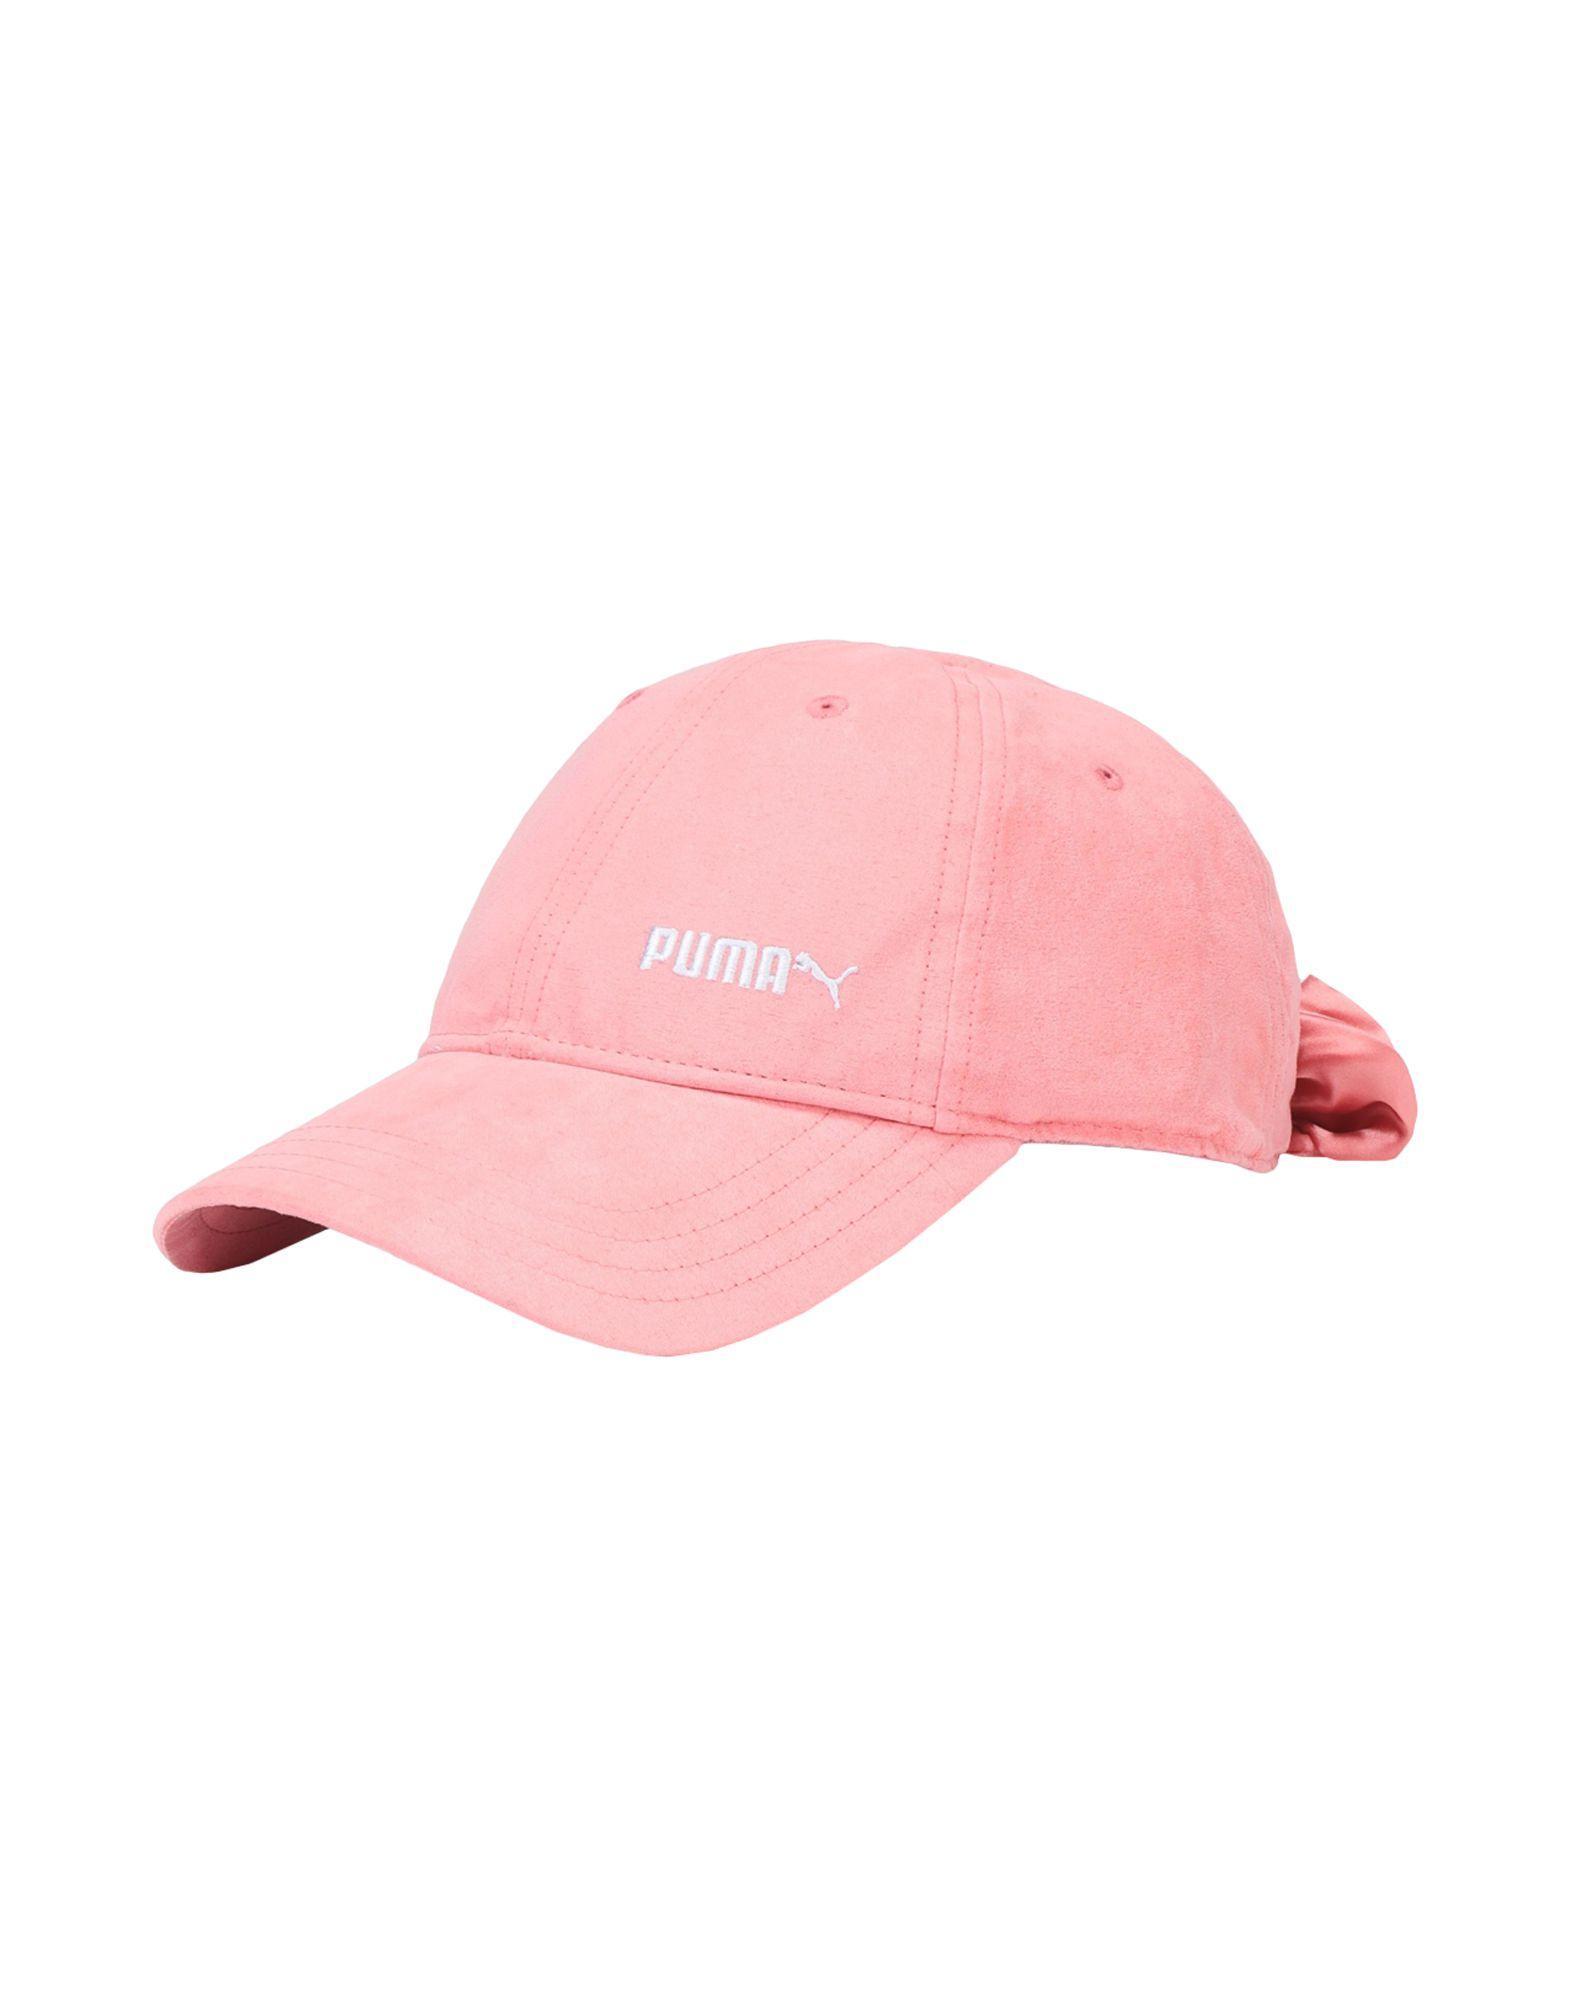 470b30b17bc Puma Hats In Pink